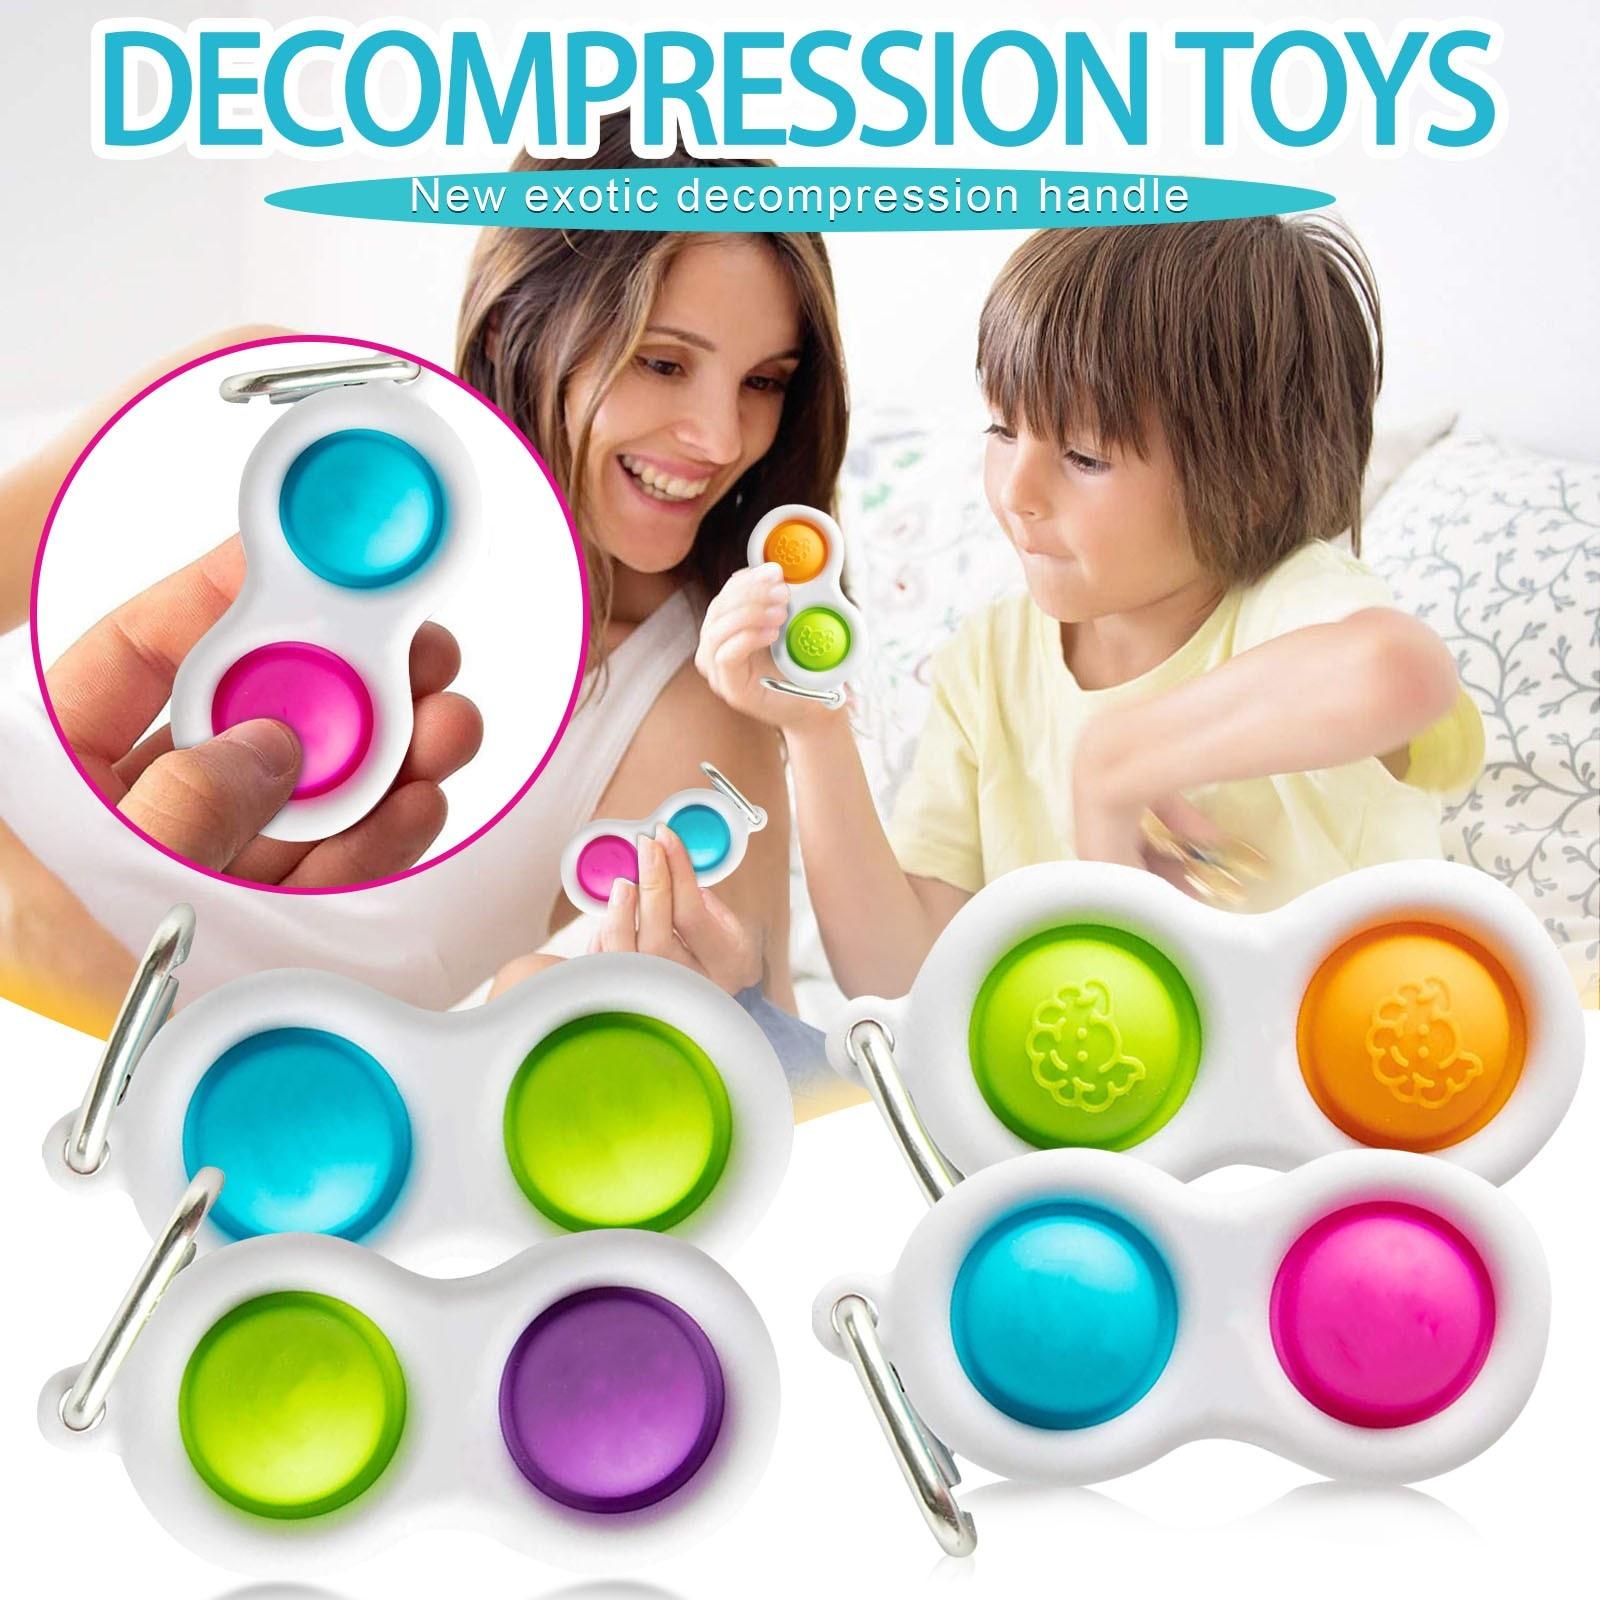 В наличии креативная детская игрушка для взрослых, регулятор давления, регулятор давления, Димпл, Непоседа, игрушки для декомпрессии, подар...